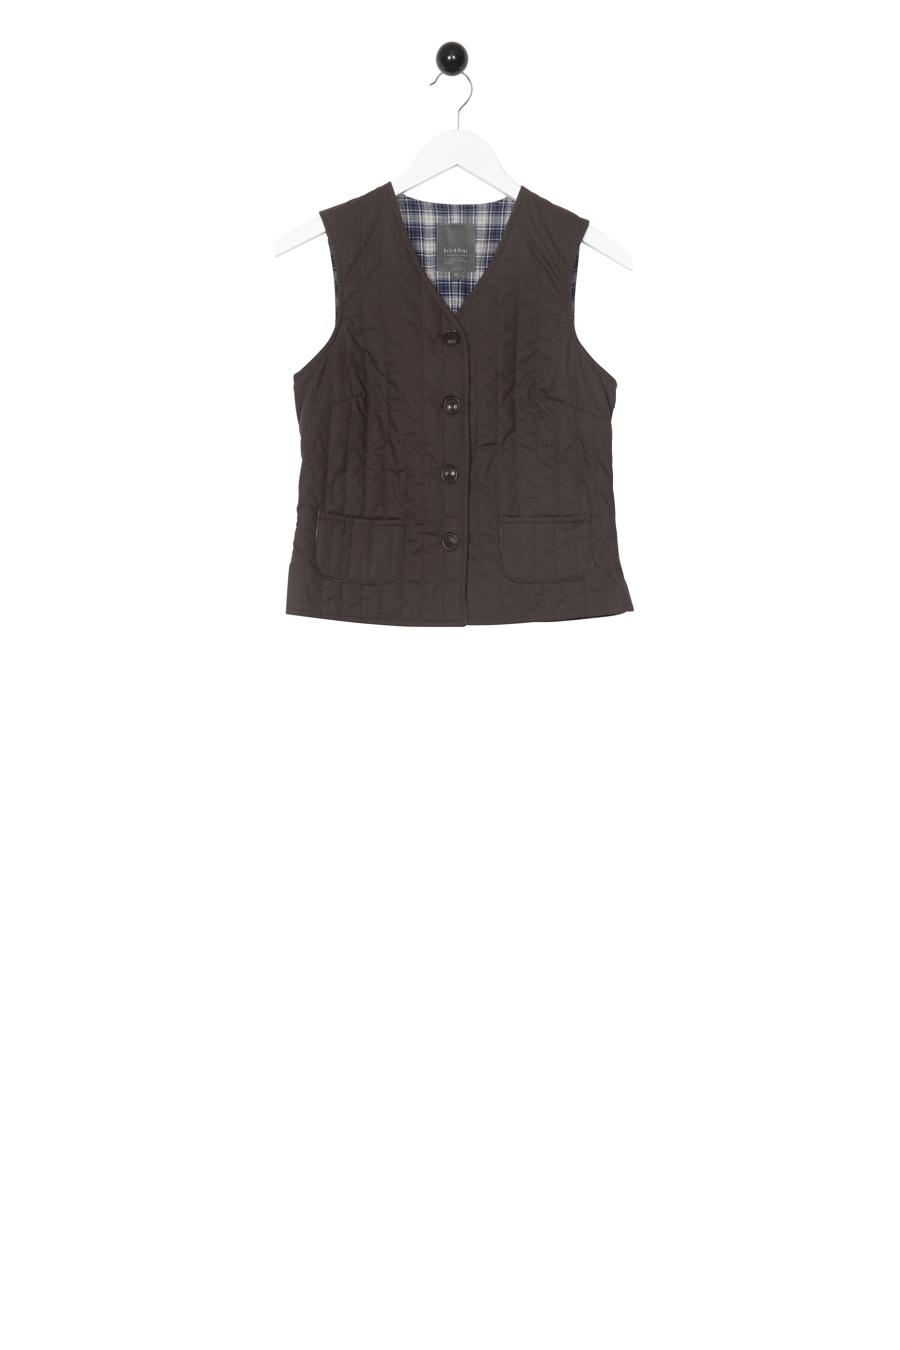 Return Hedemora Vest